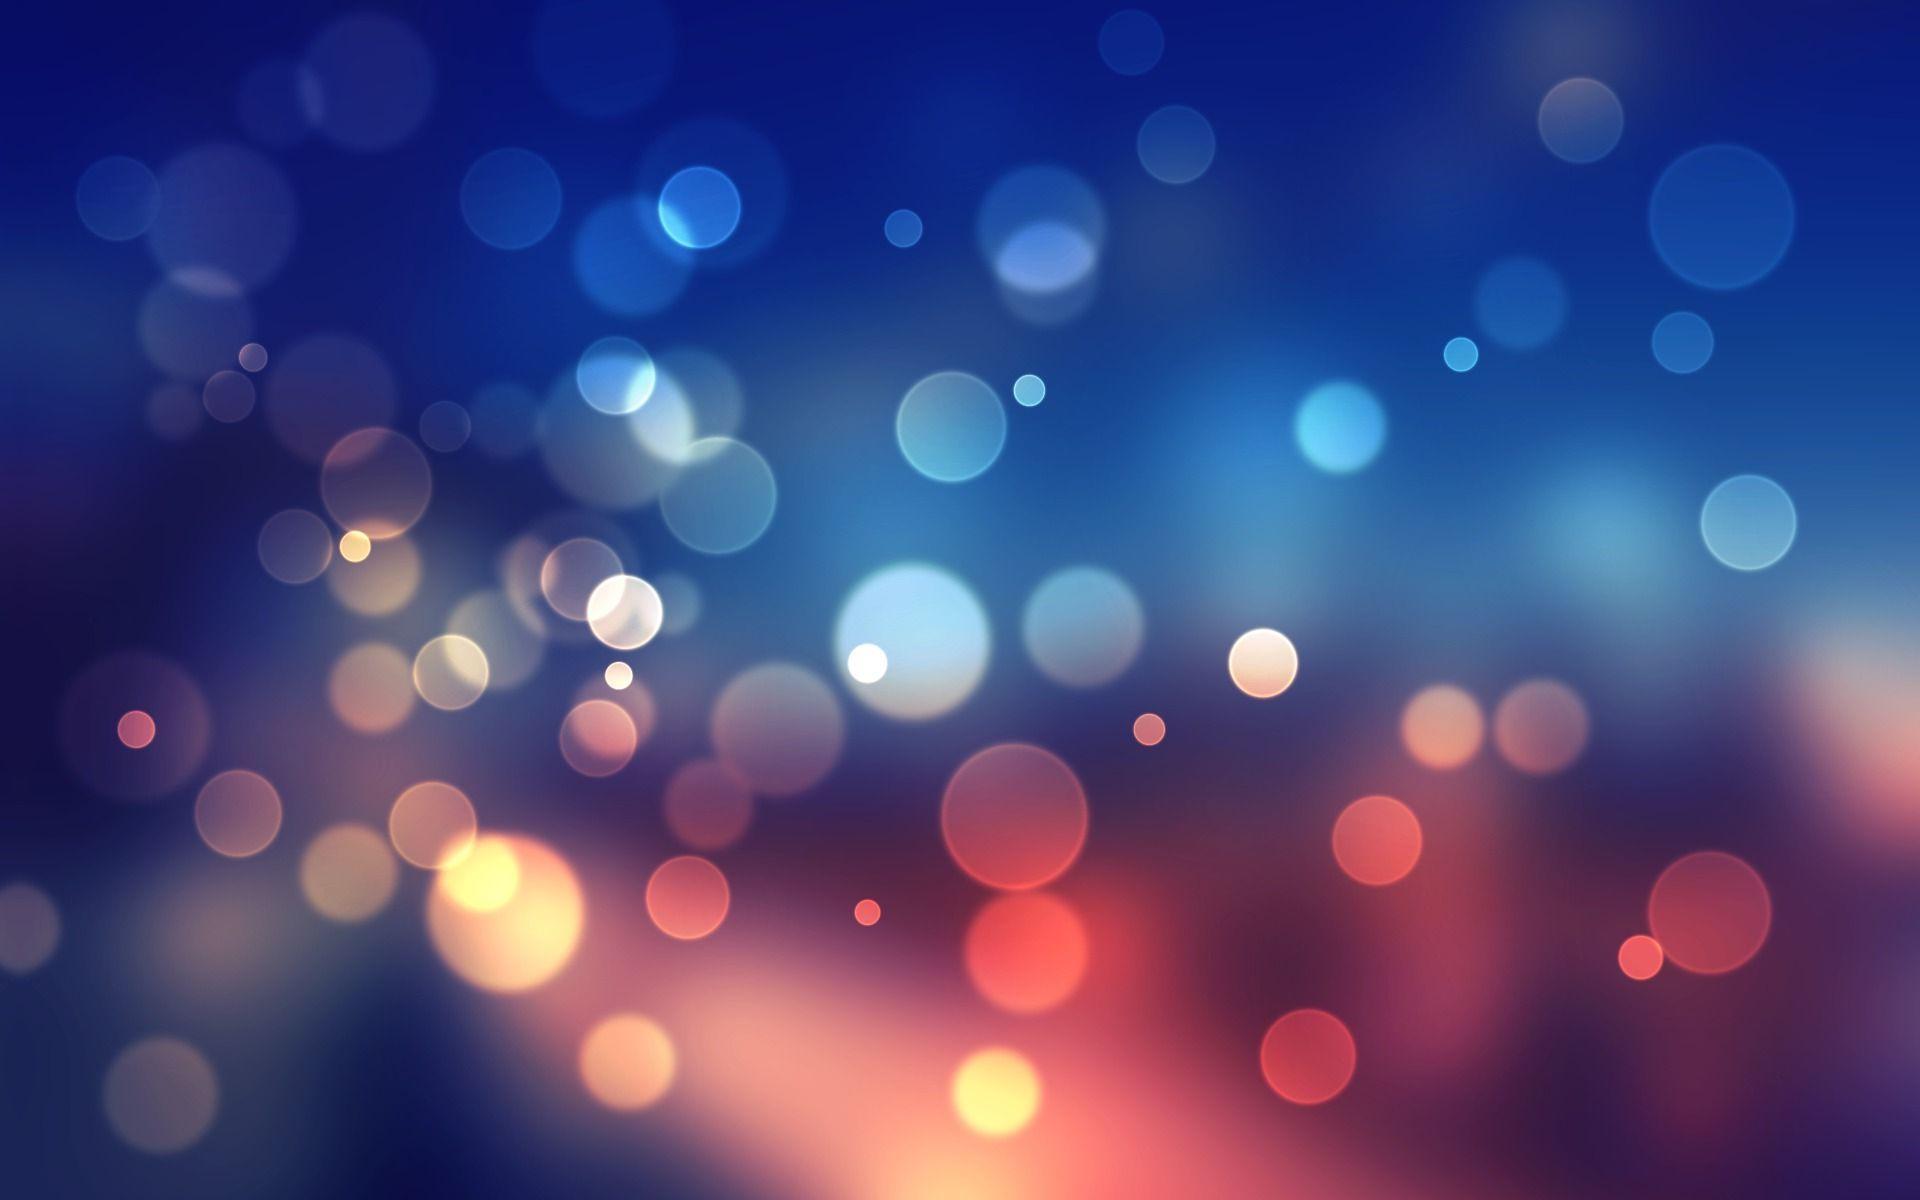 Multicolored bubbles wallpaper